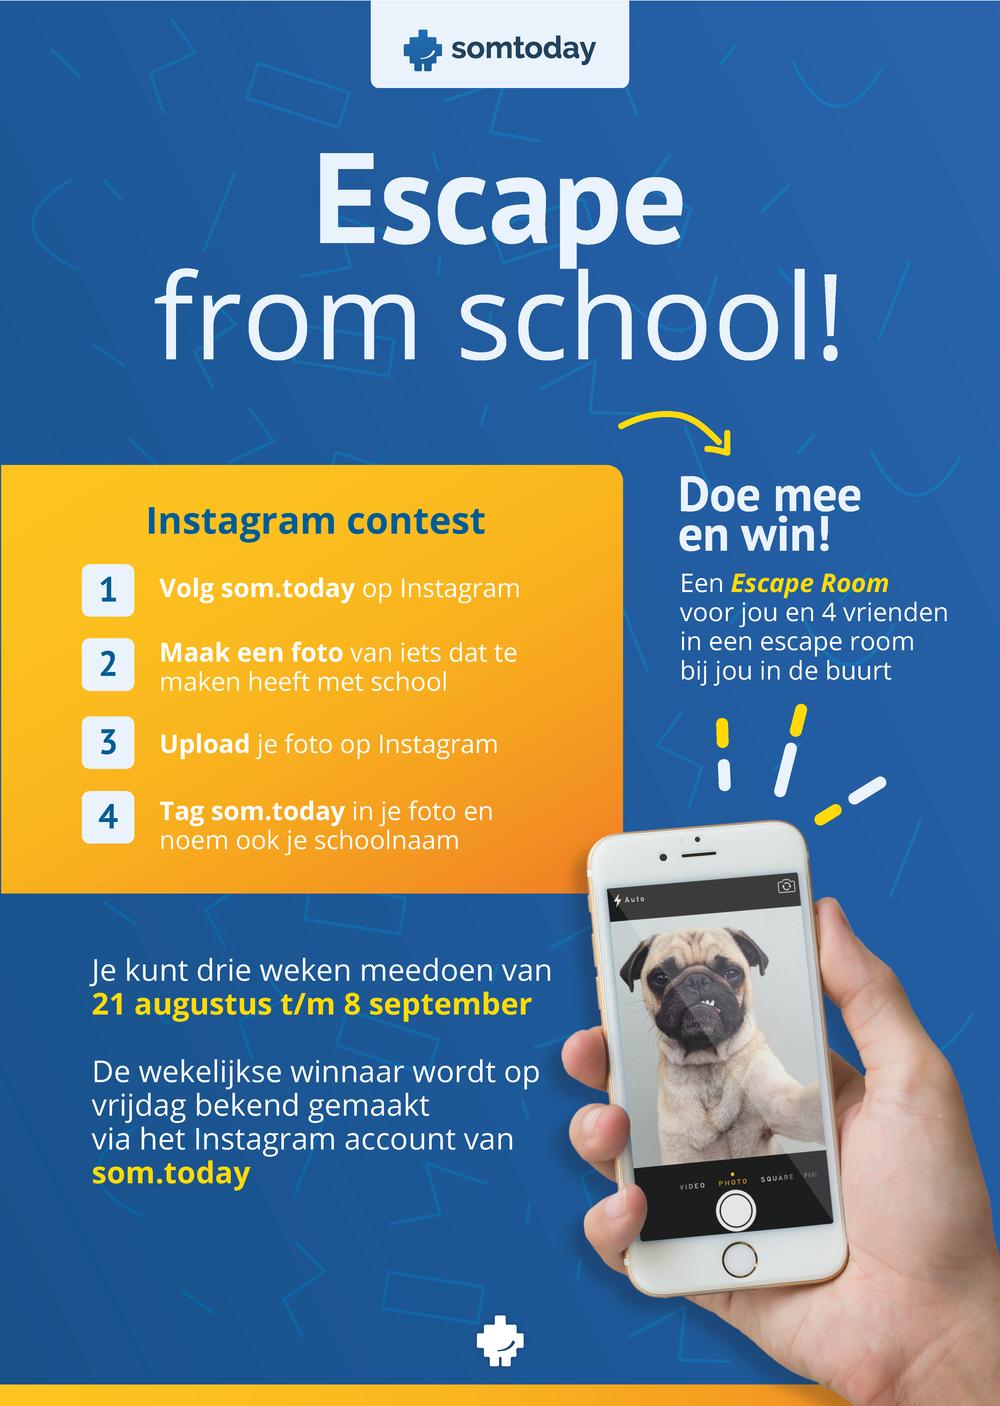 instagram-contest-2017-v.4.0.png